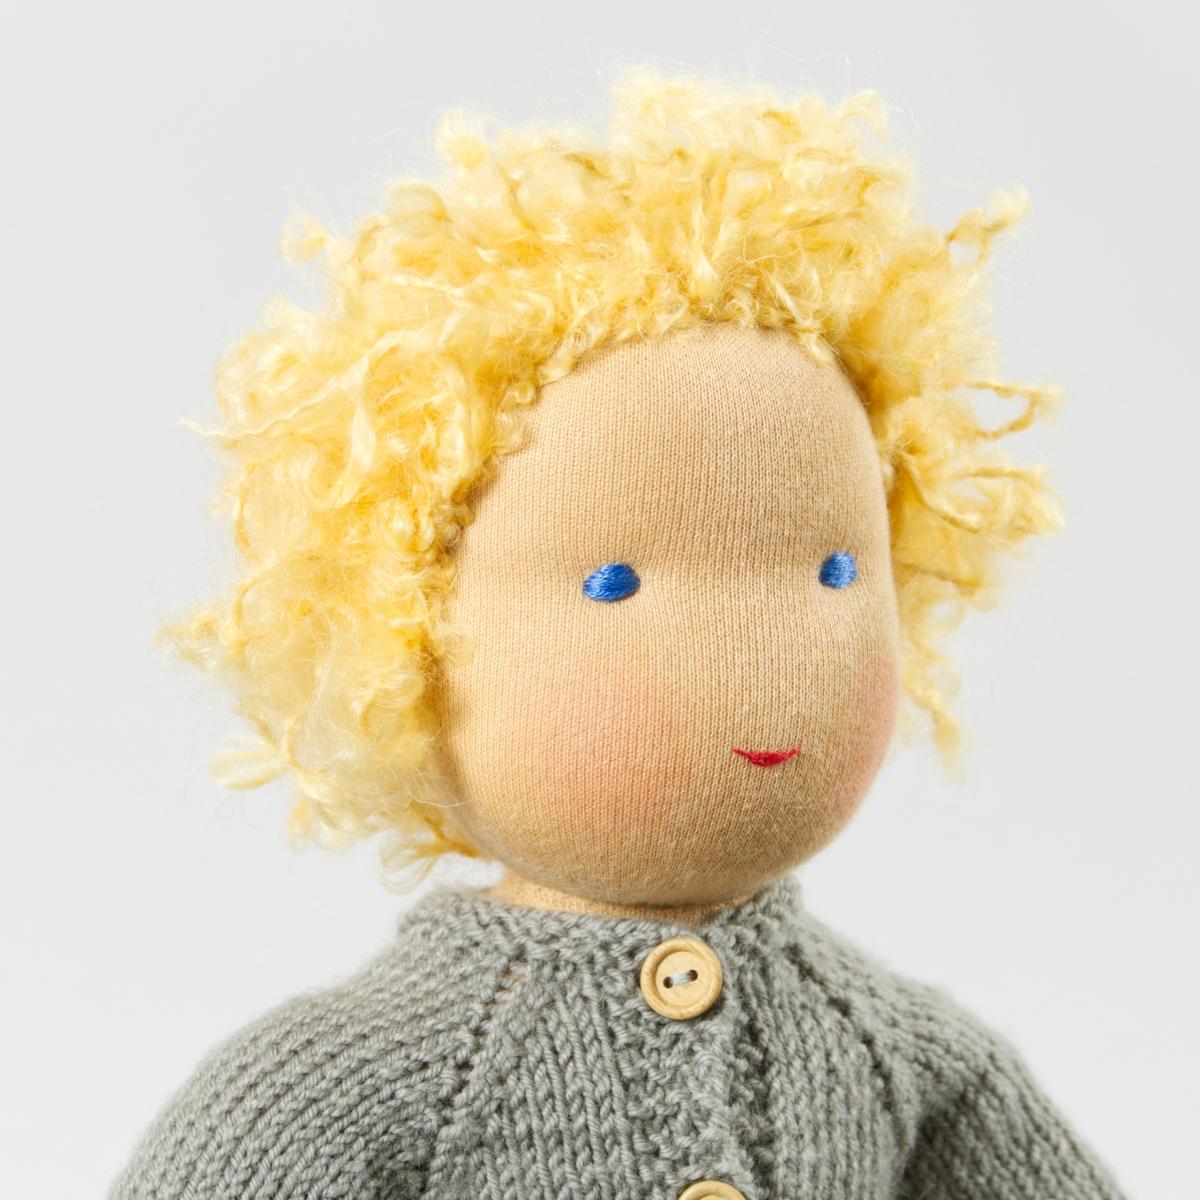 Puppe mit hellem Hautton nach Waldorf-Art, kurze blonde Haare, gekleidet in grauen Strickanzug